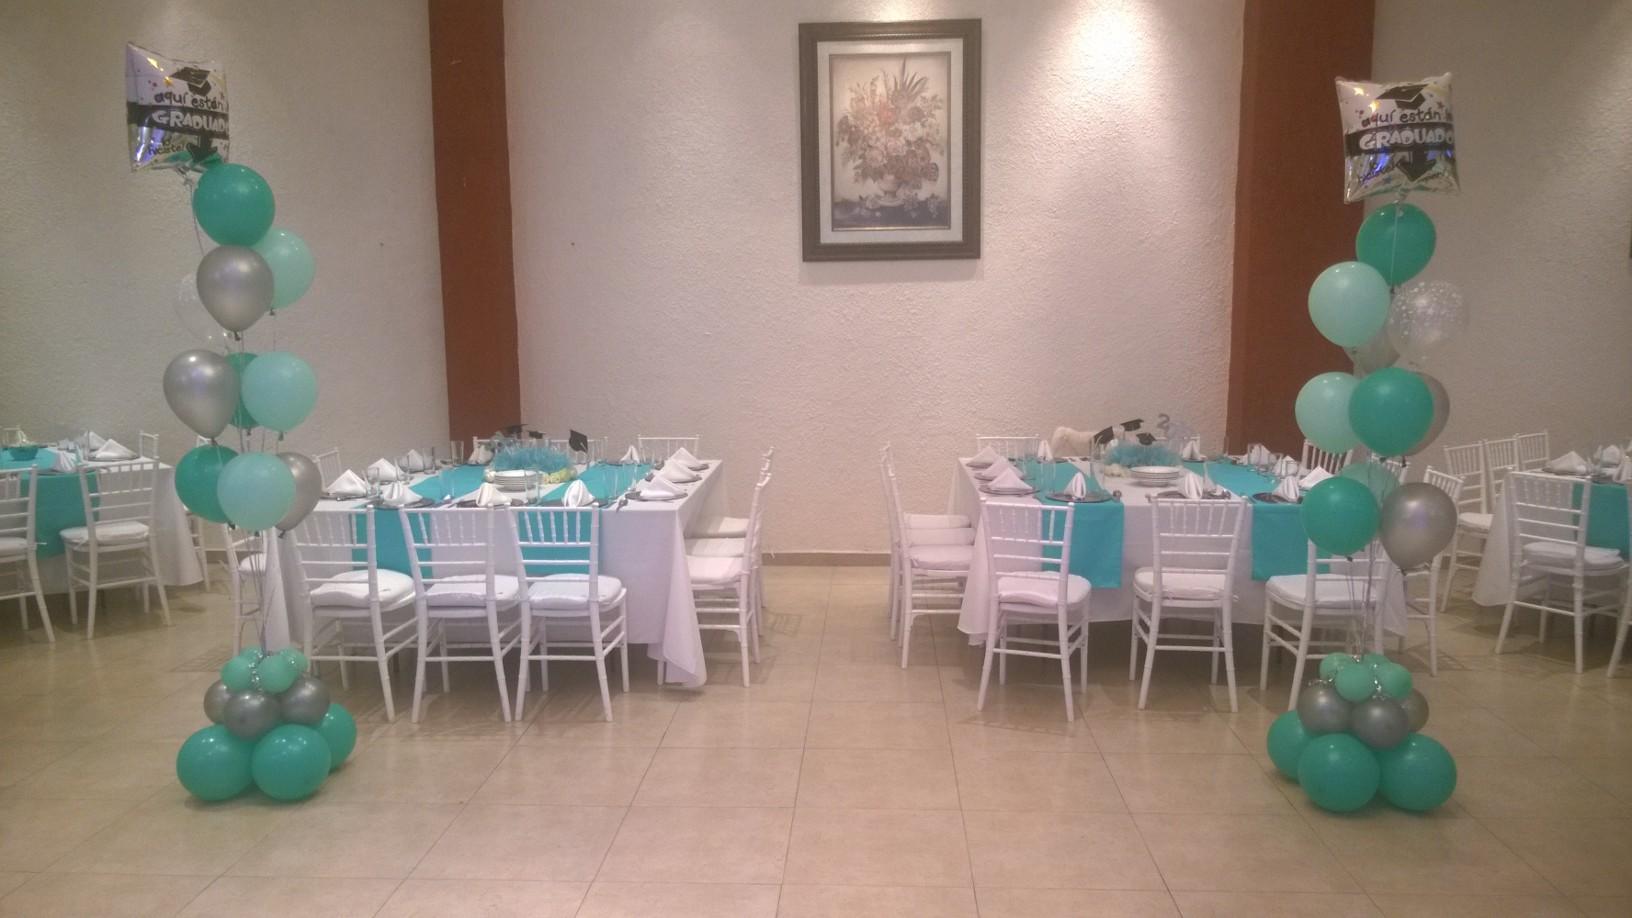 Salon de fiestas primavera toluca for Salon jardin villa charra toluca